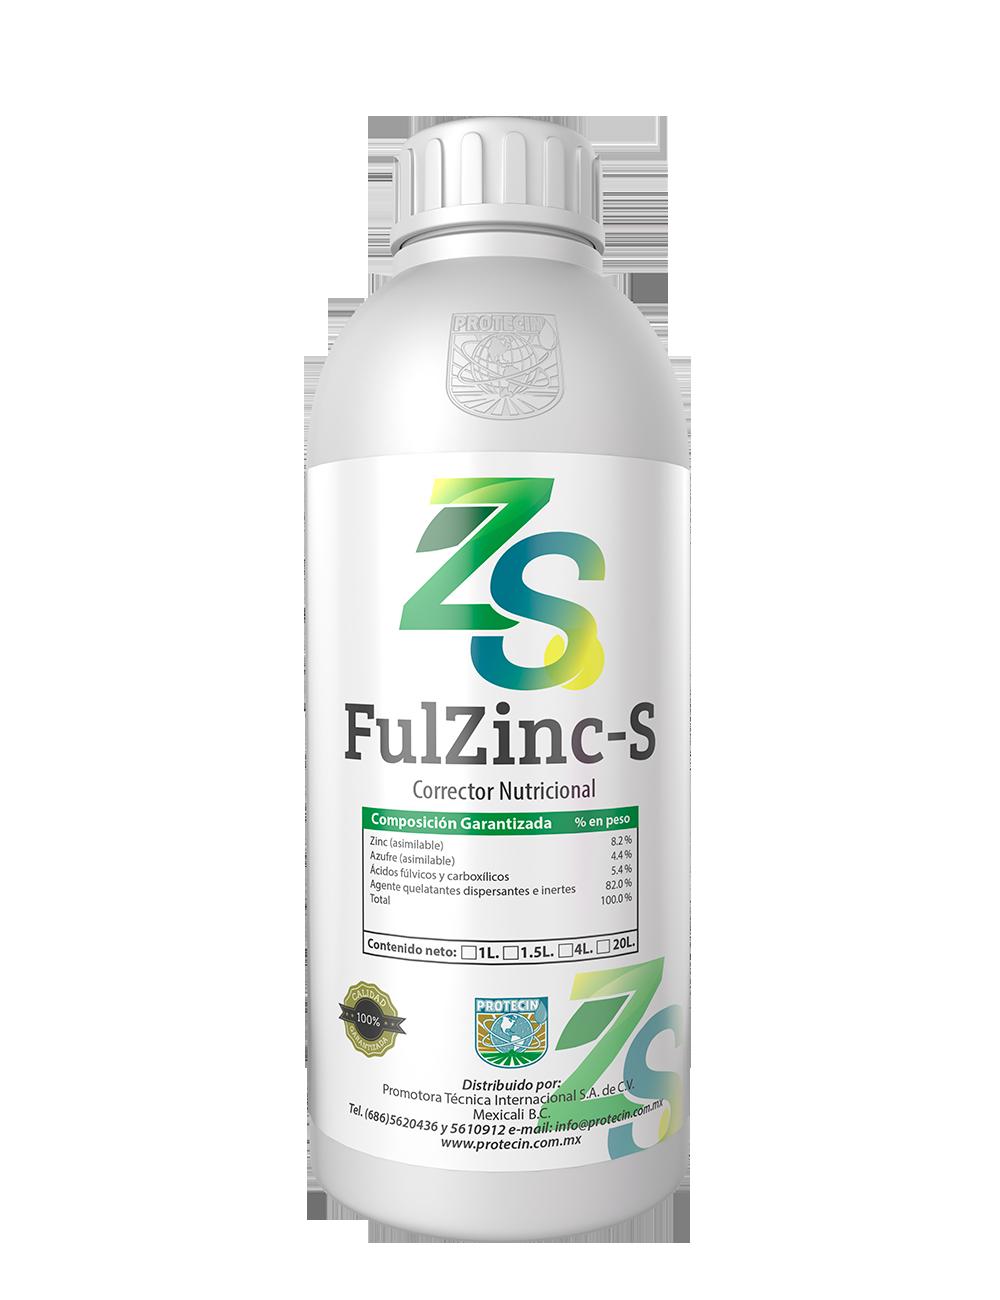 FulZinc-S